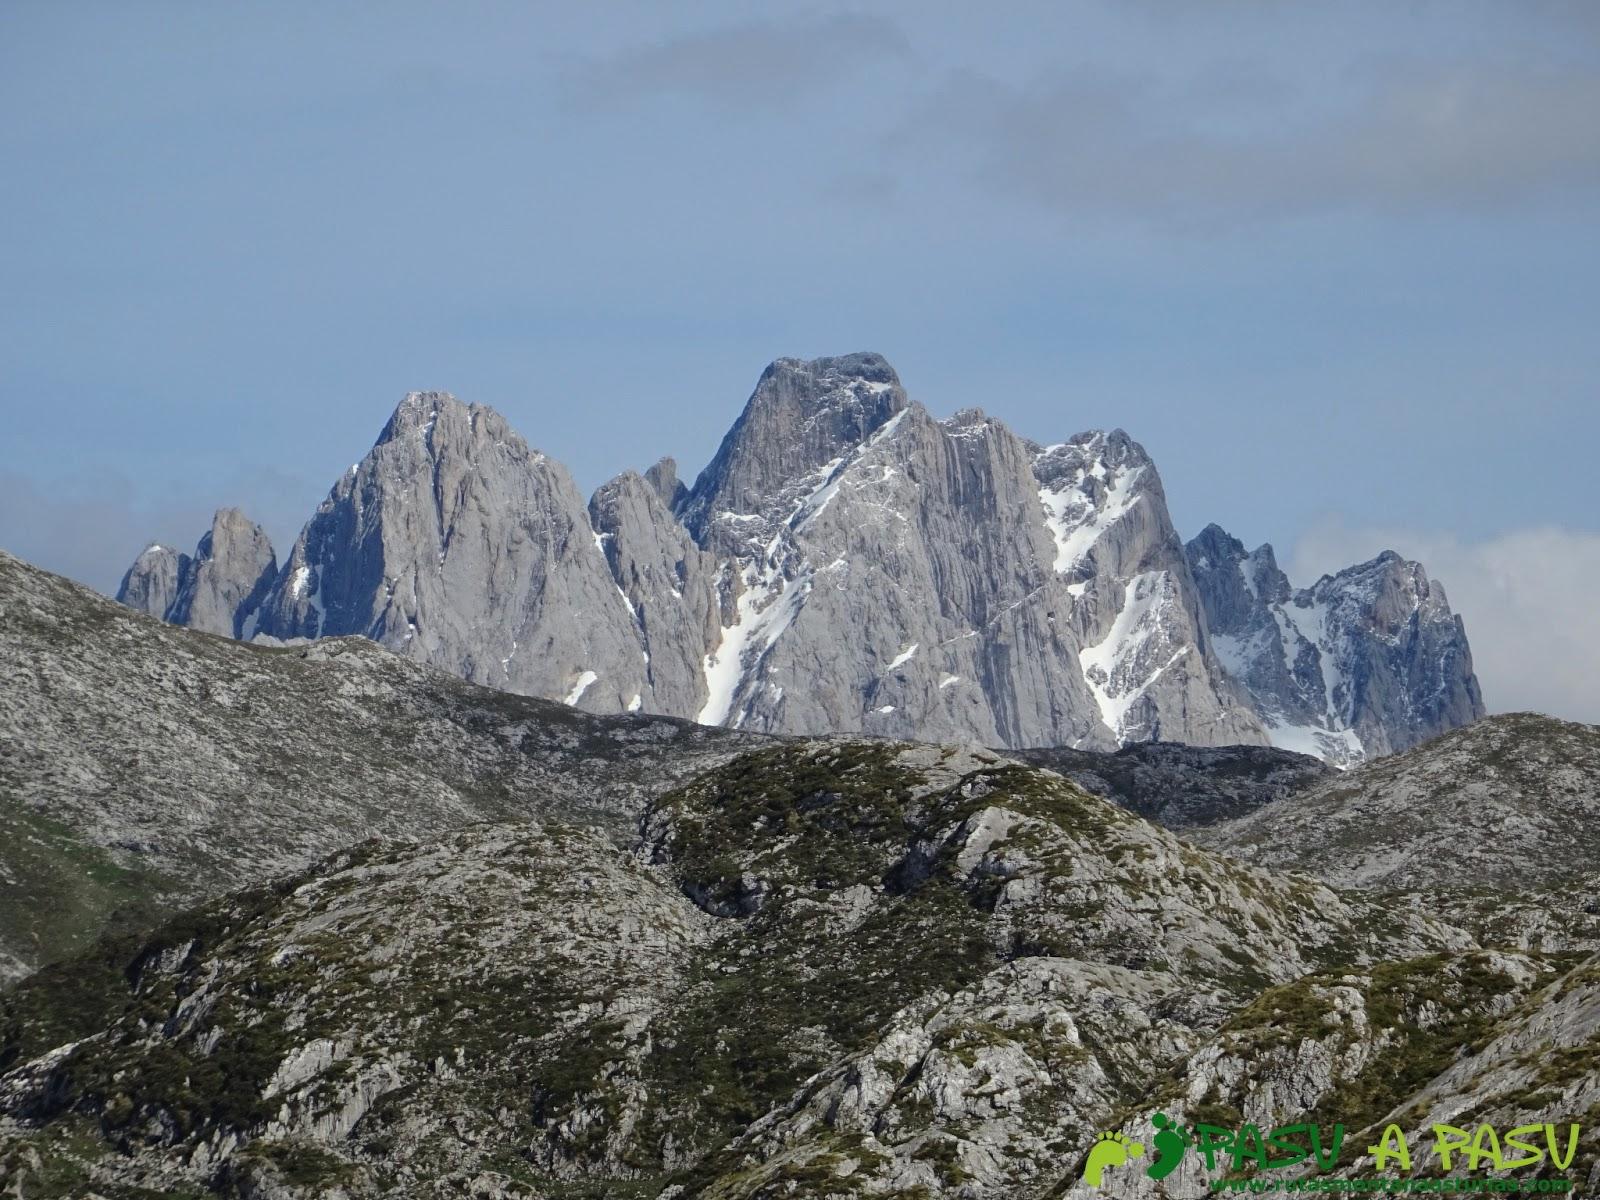 Vista del Torrecerredo desde la zona de la Majada las Bobias, Picos de Europa